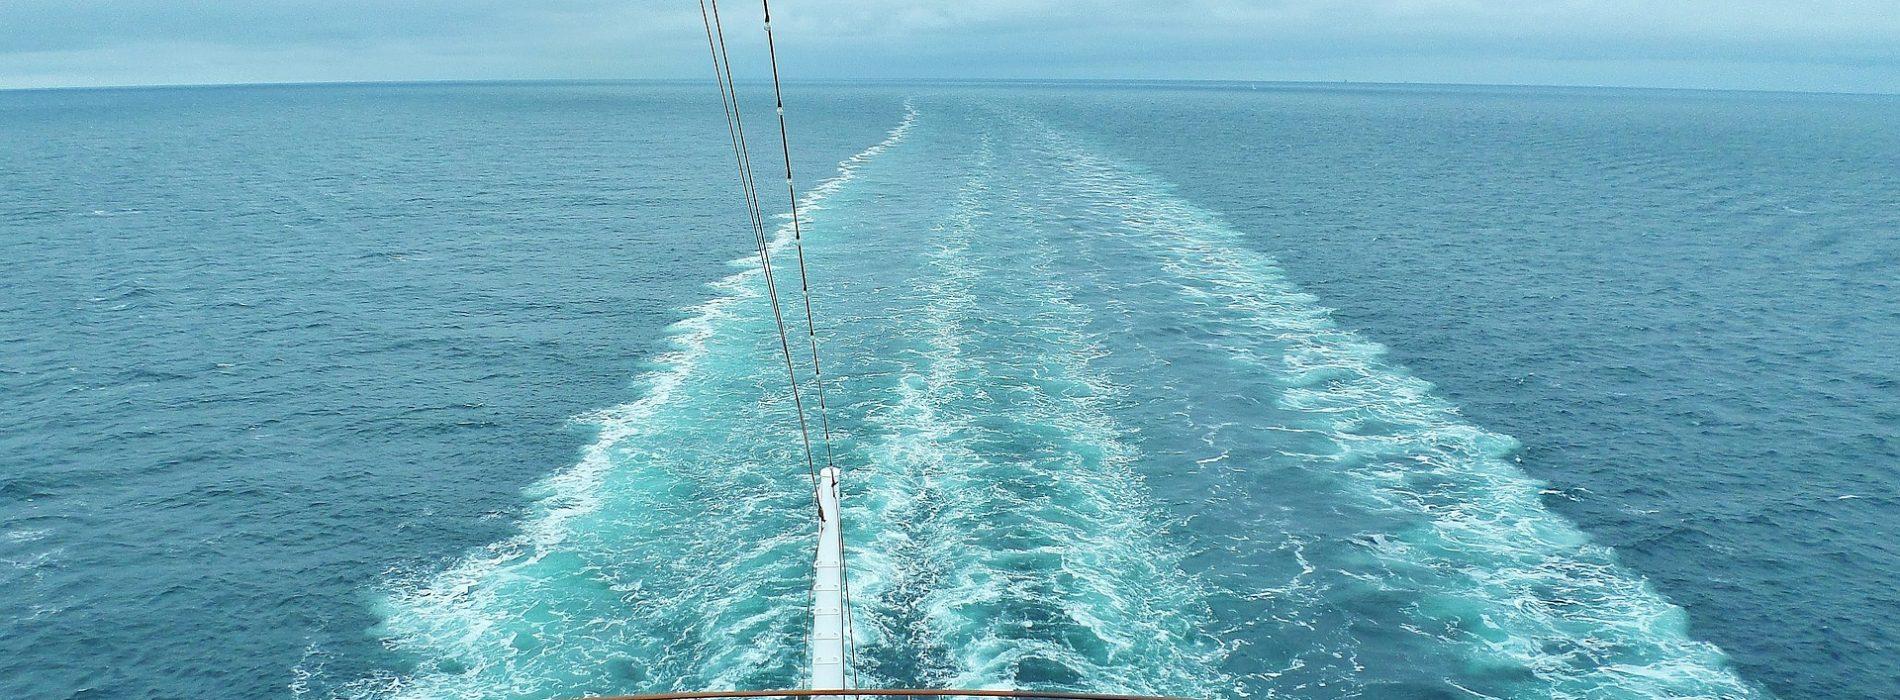 Rejsy turystyczne – niezapomniany weekend na morzu